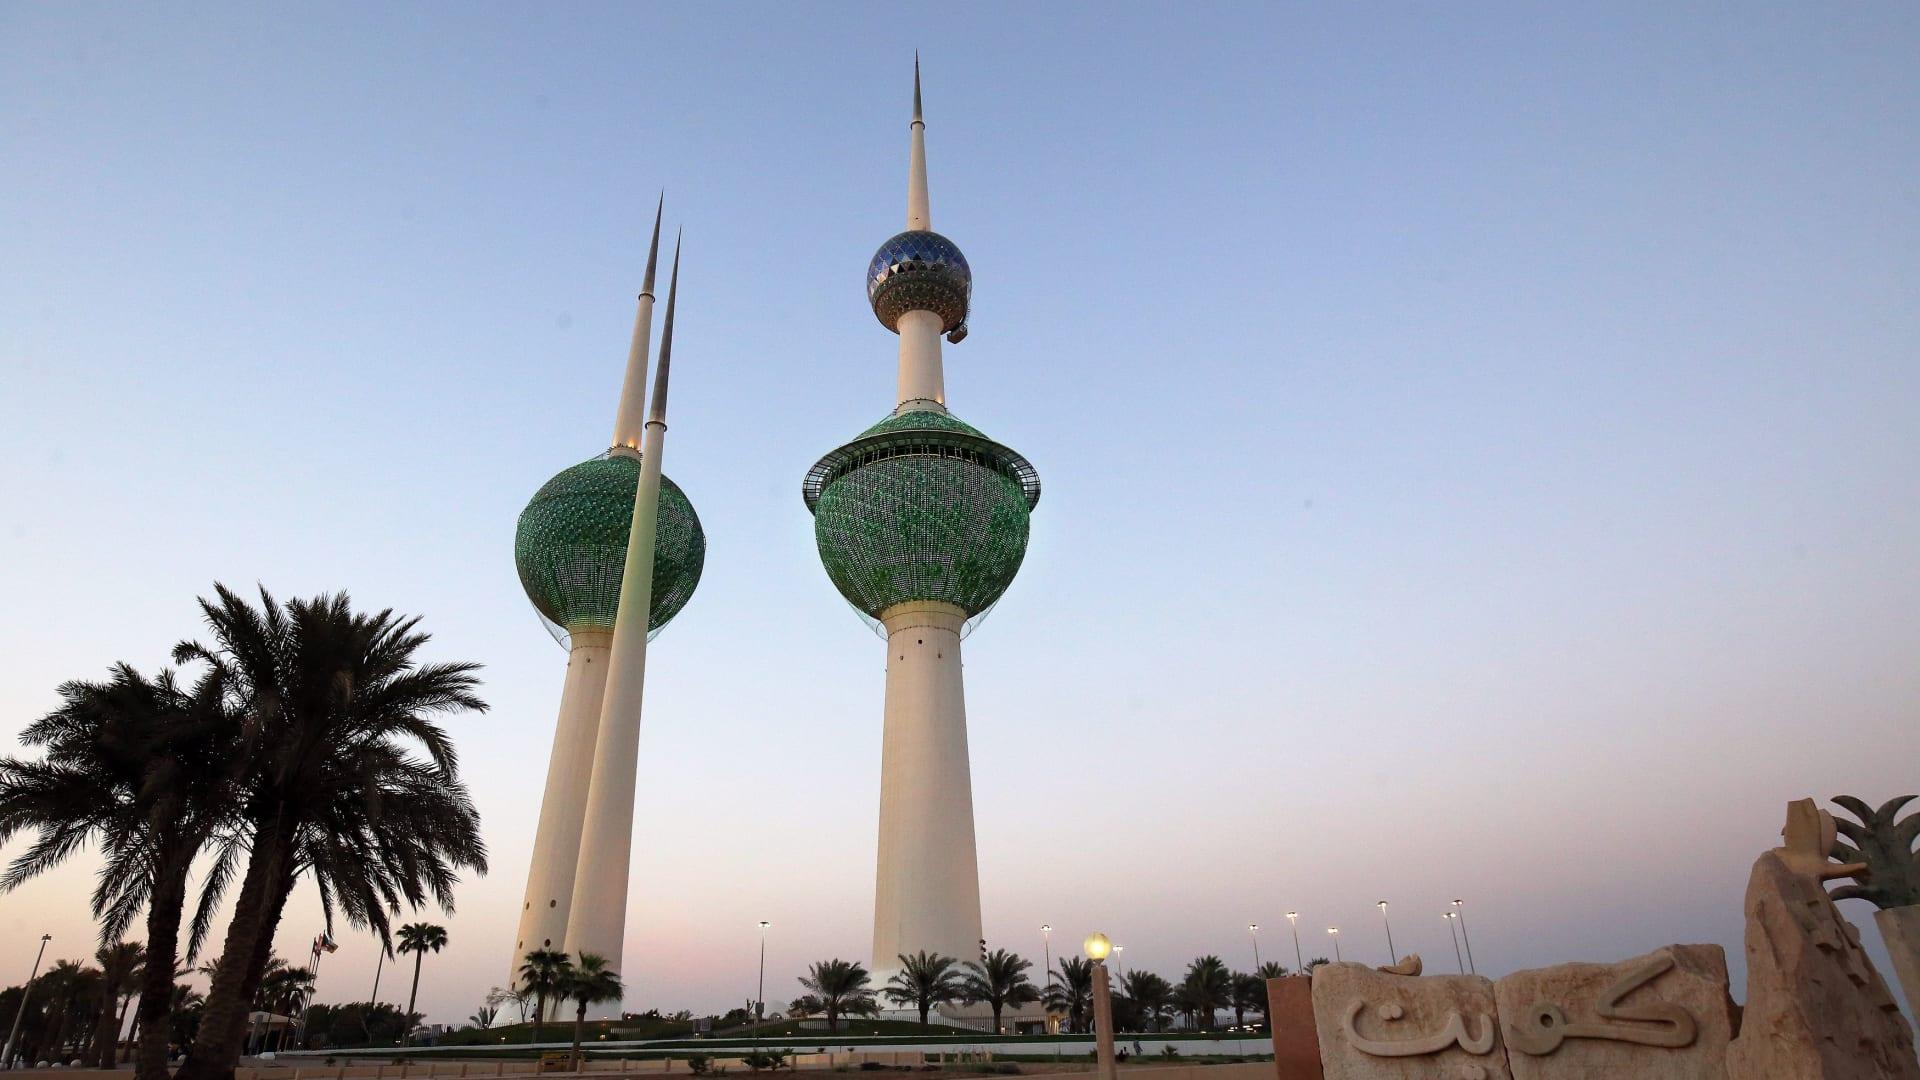 شيخ العوازم في الكويت يعتذر بفيديو عن الإساءة لنساء العراق.. وهذا ما قاله